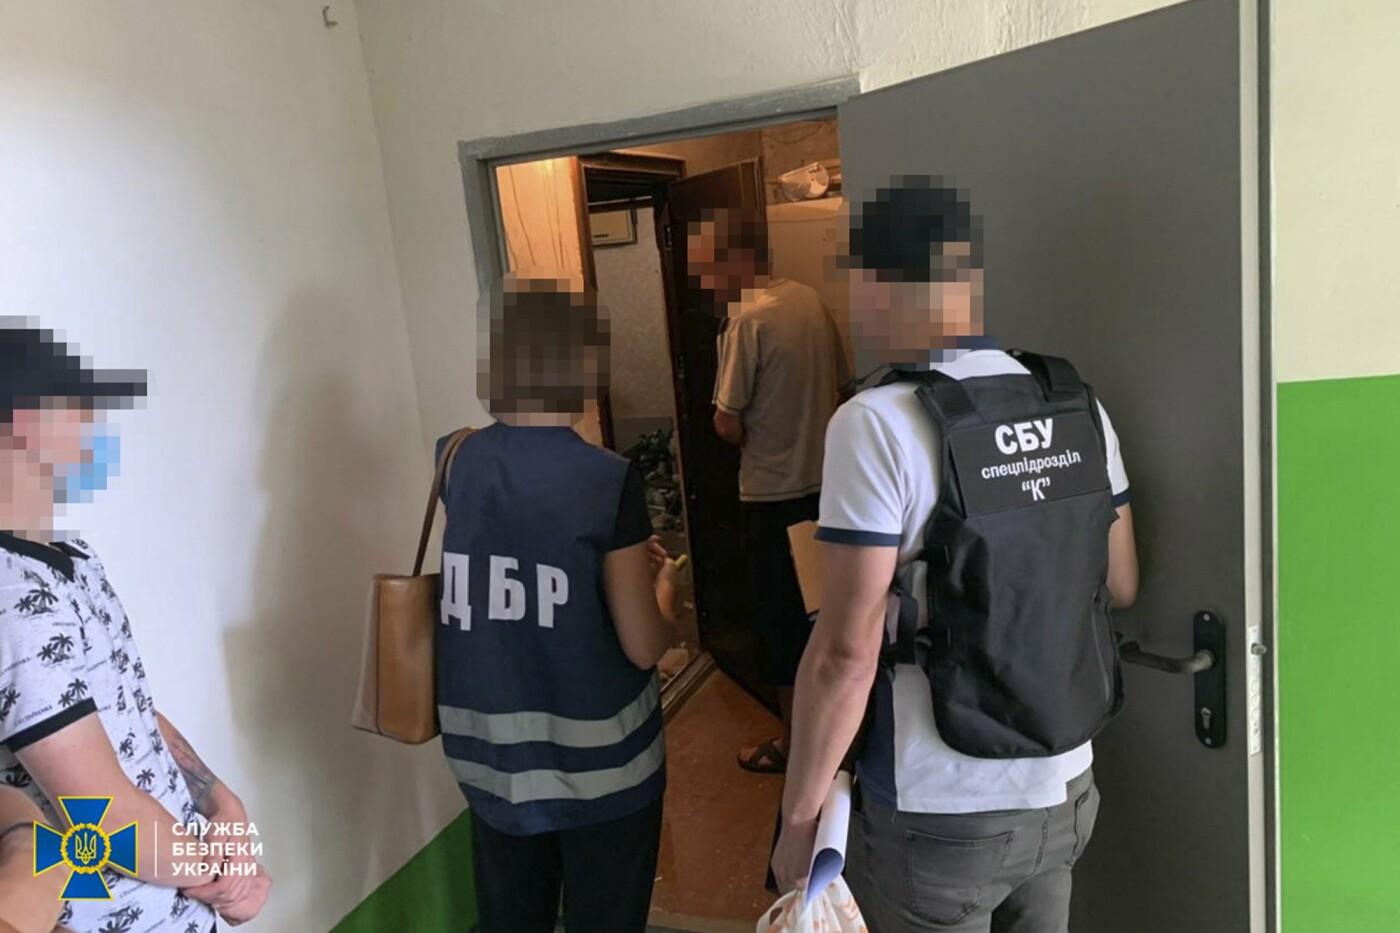 В Днепропетровской области «торговали» статусом участника боевых действий: СБУ разоблачила на этом чиновников, фото-1